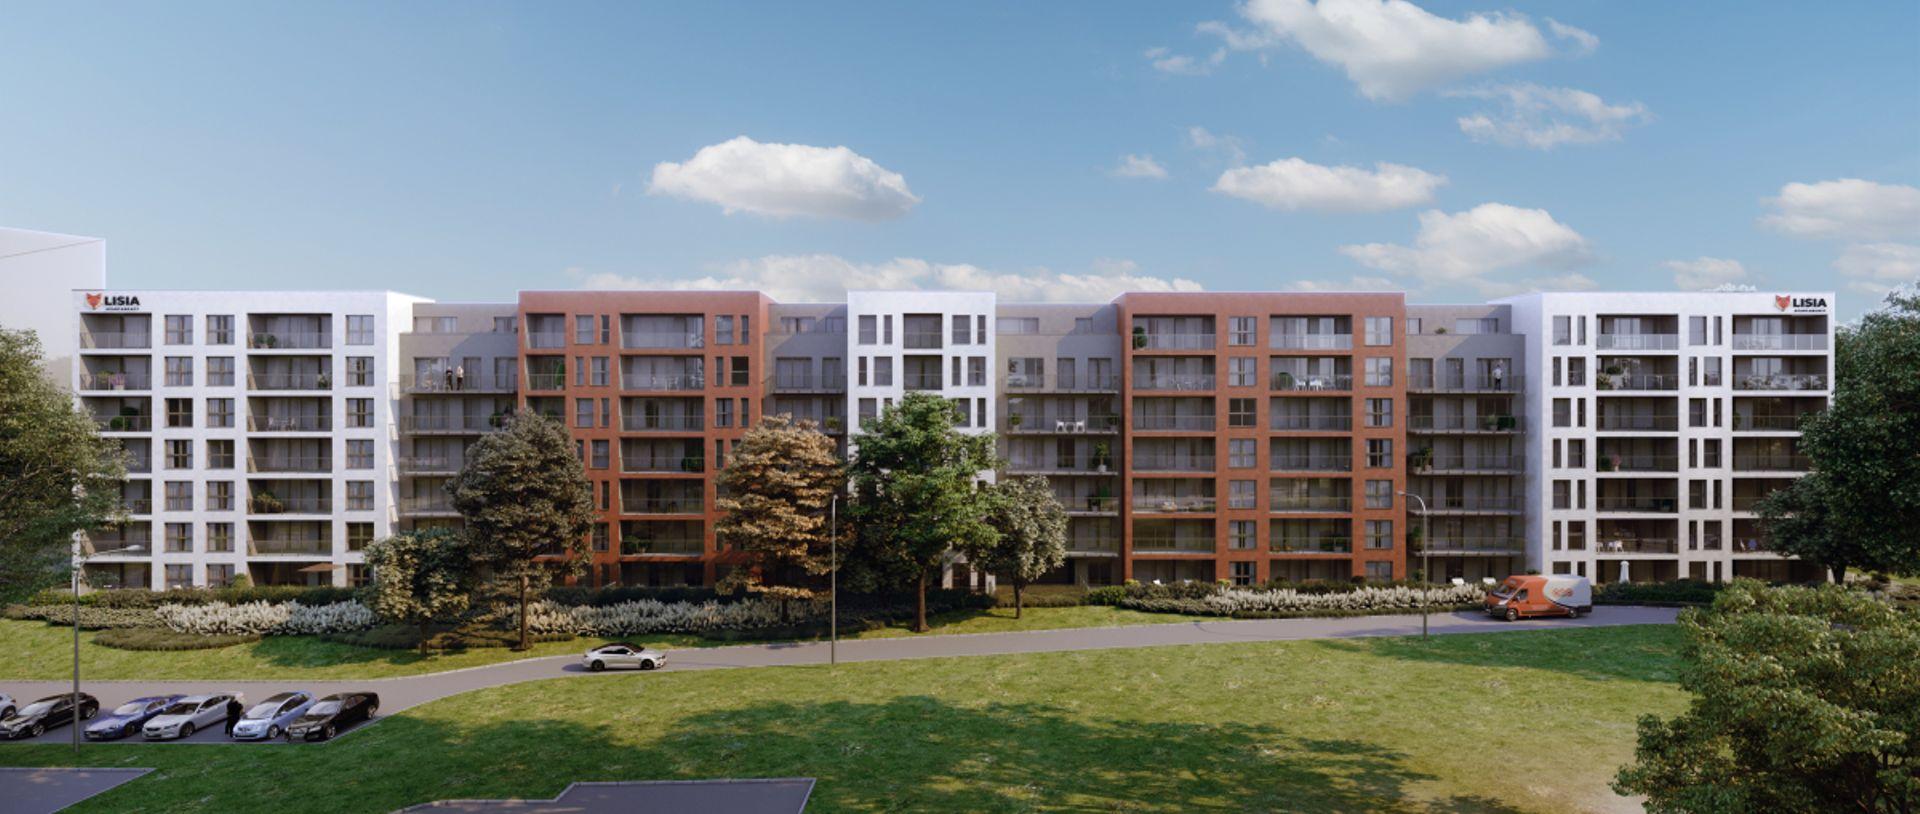 [Zielona Góra] Lisia Apartamenty powstaną w Zielonej Góry